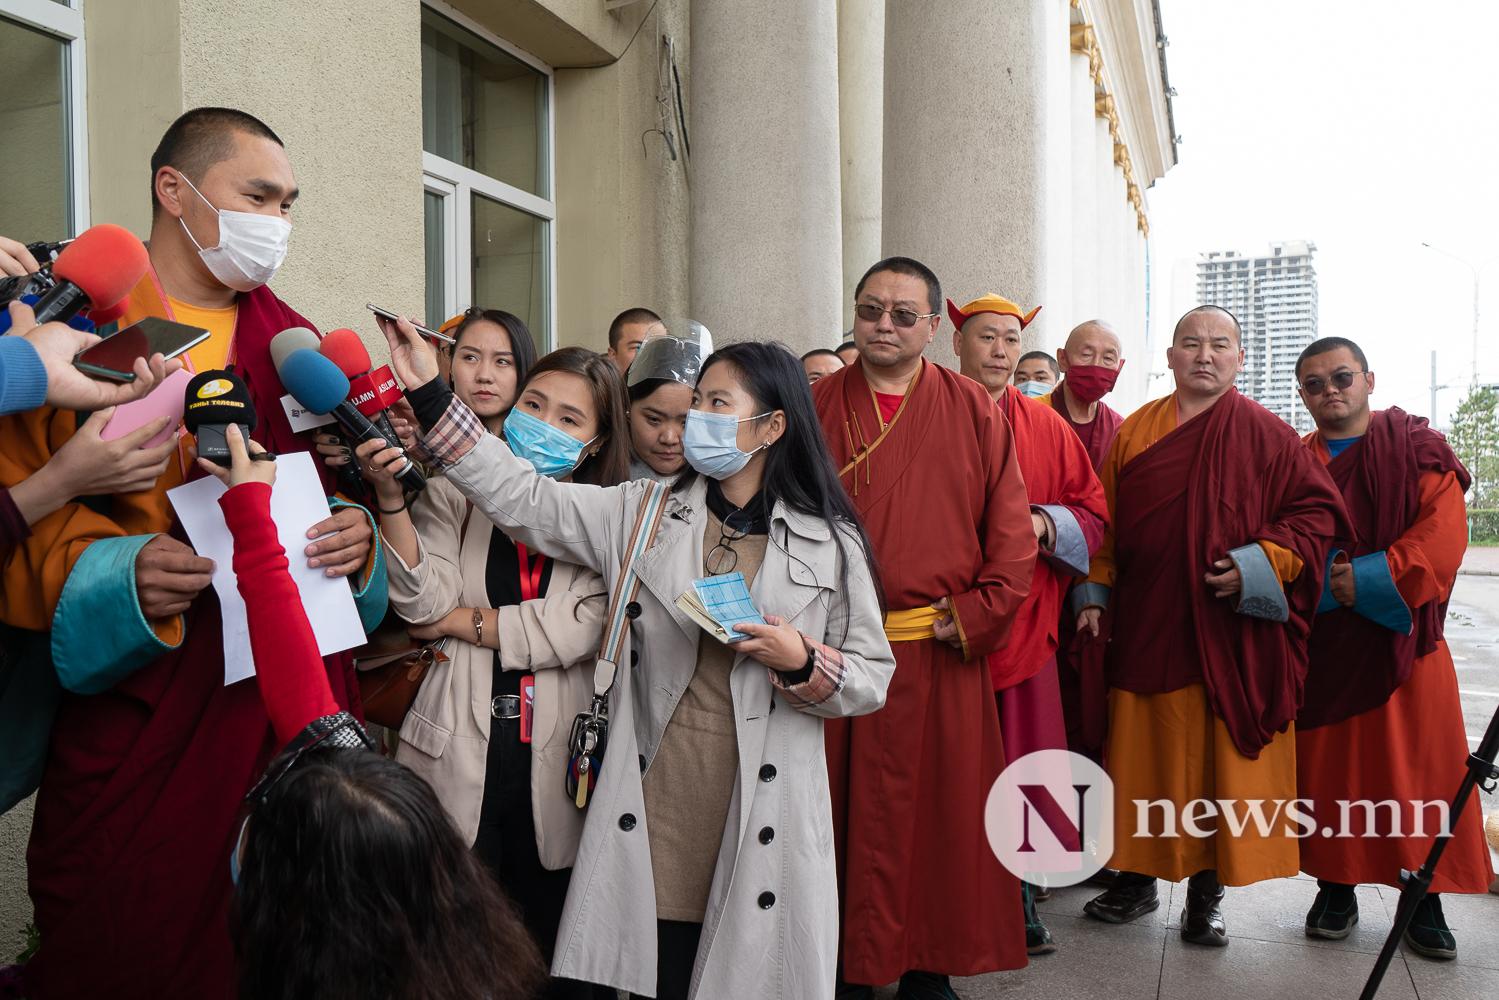 ГХЯ нд Монголын сүм хийд, Сүсэгтний холбоо, лам нарын төлөөлөл монгол бичгийг хамгаалах шаардлага хүргүүлэв-8